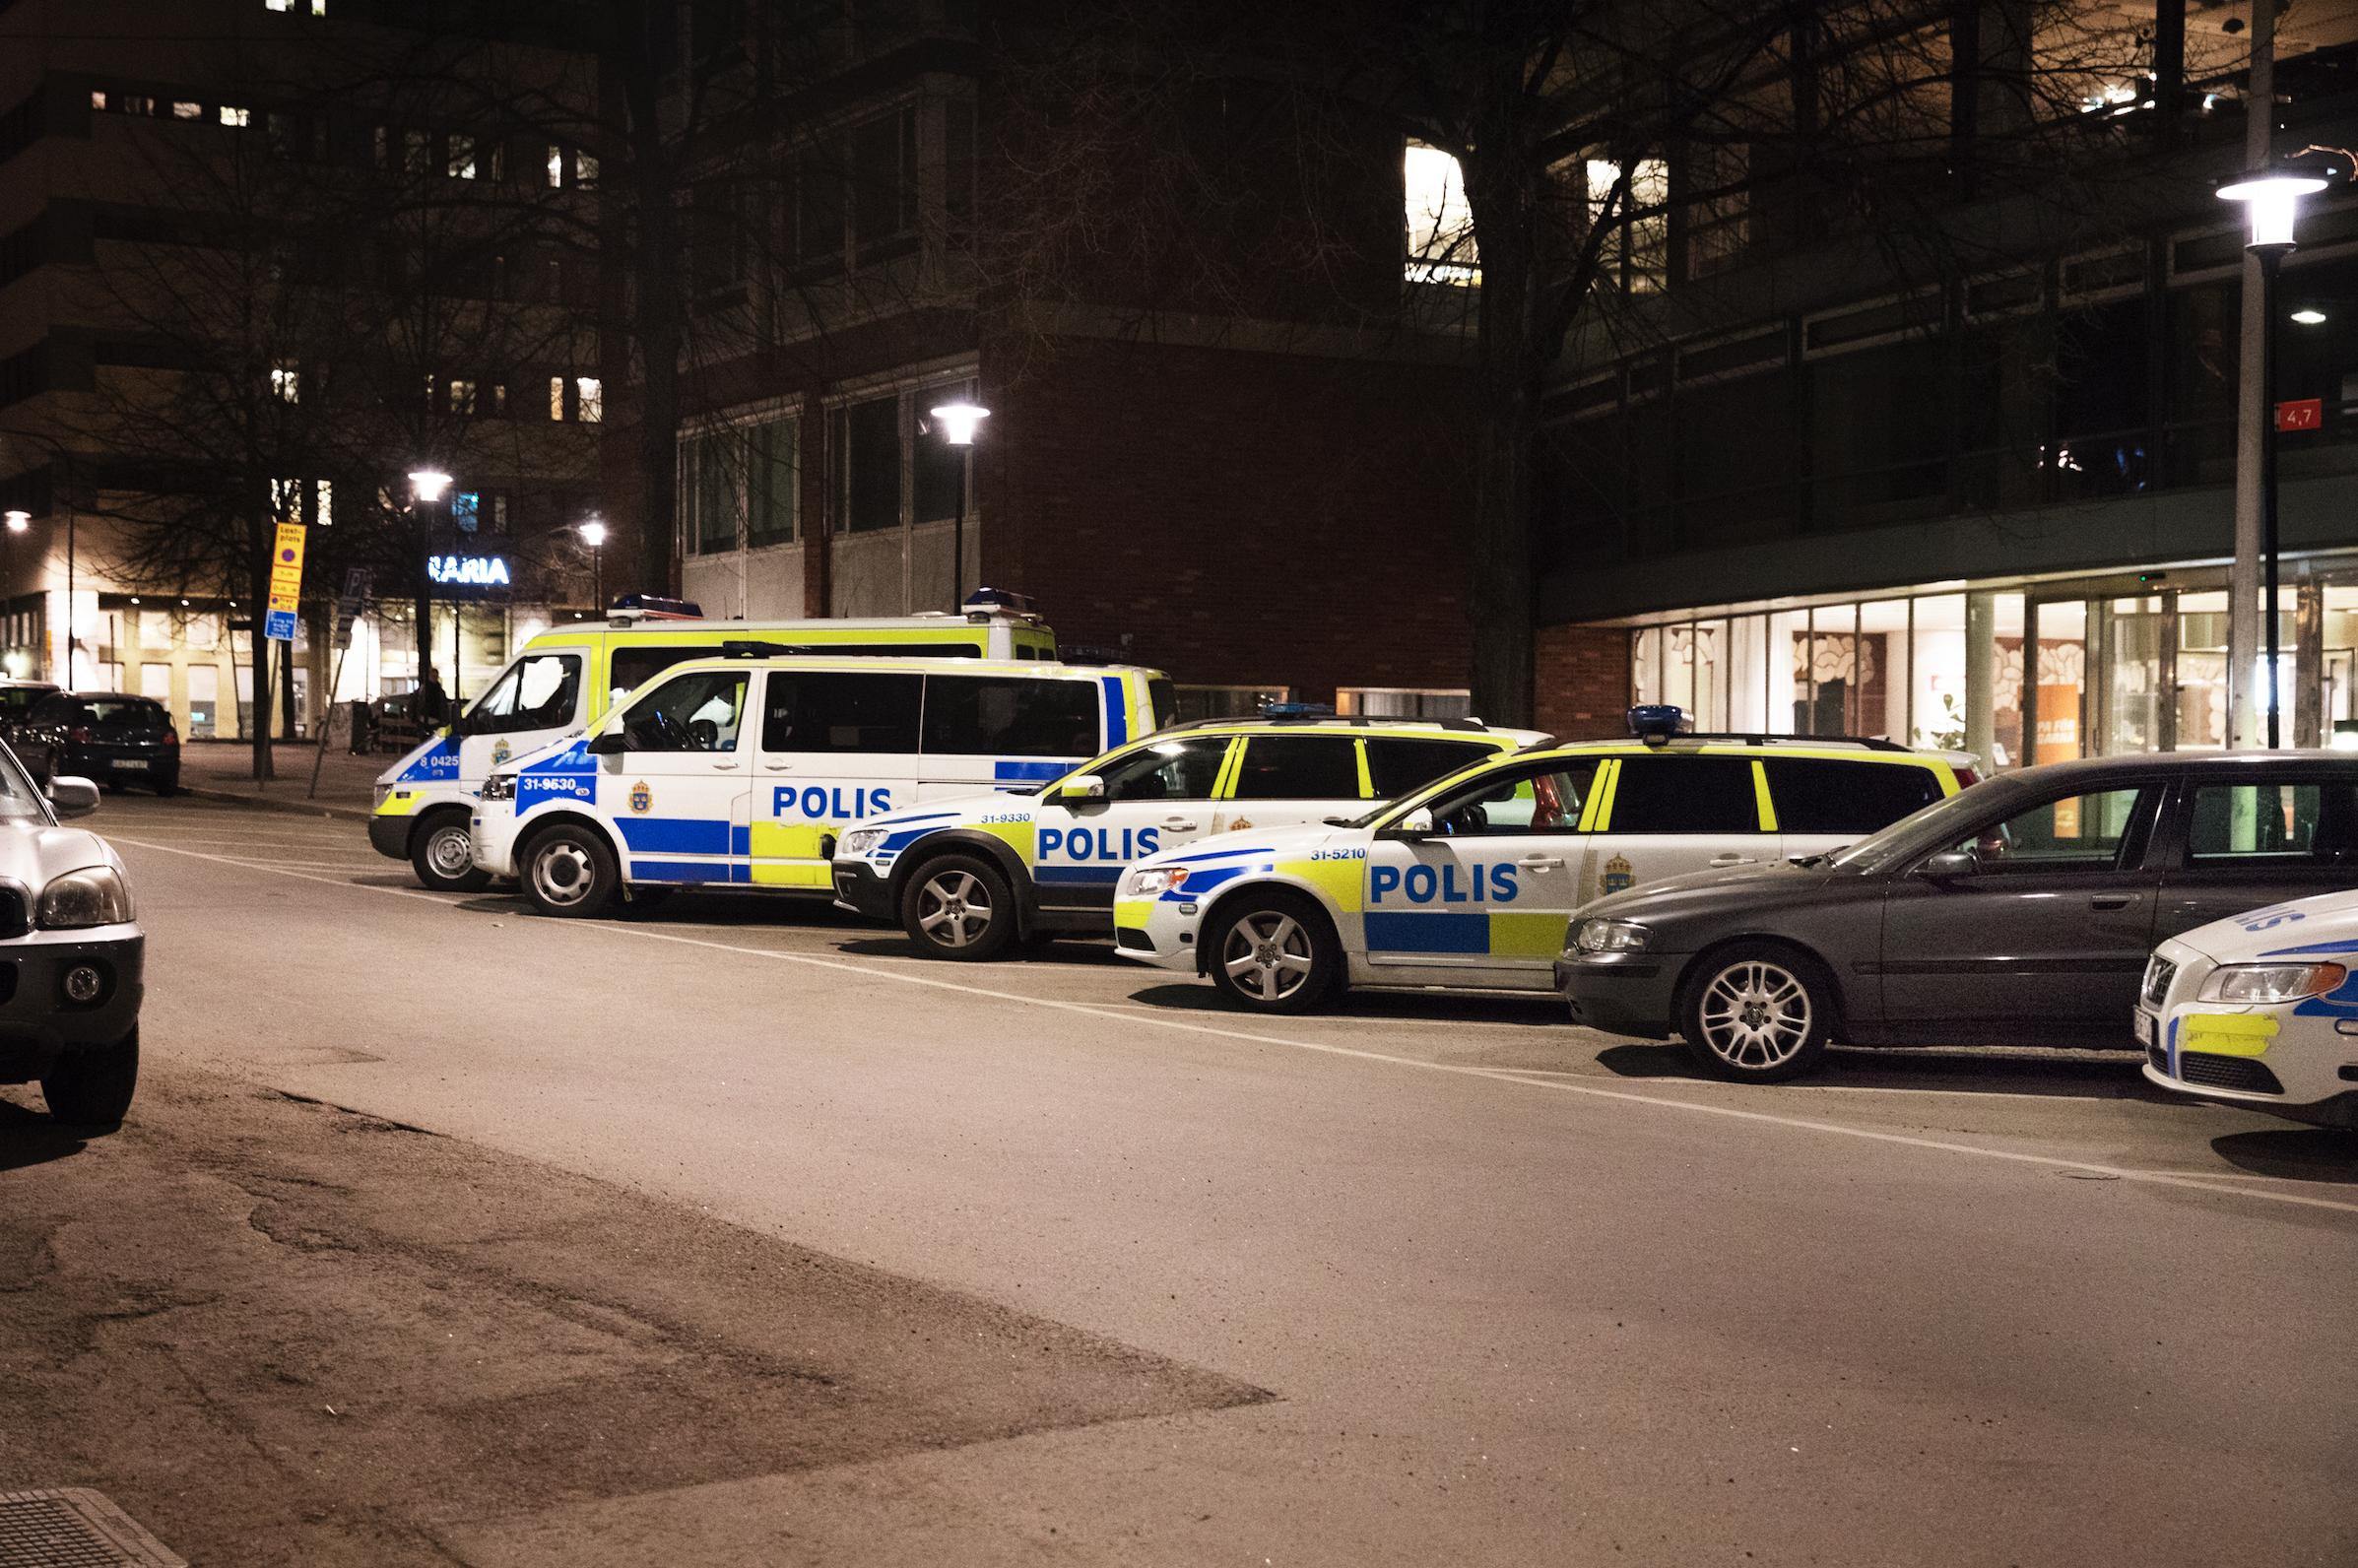 Polisbilar parkerade utanför Södermalms polisstation i Stockholm.